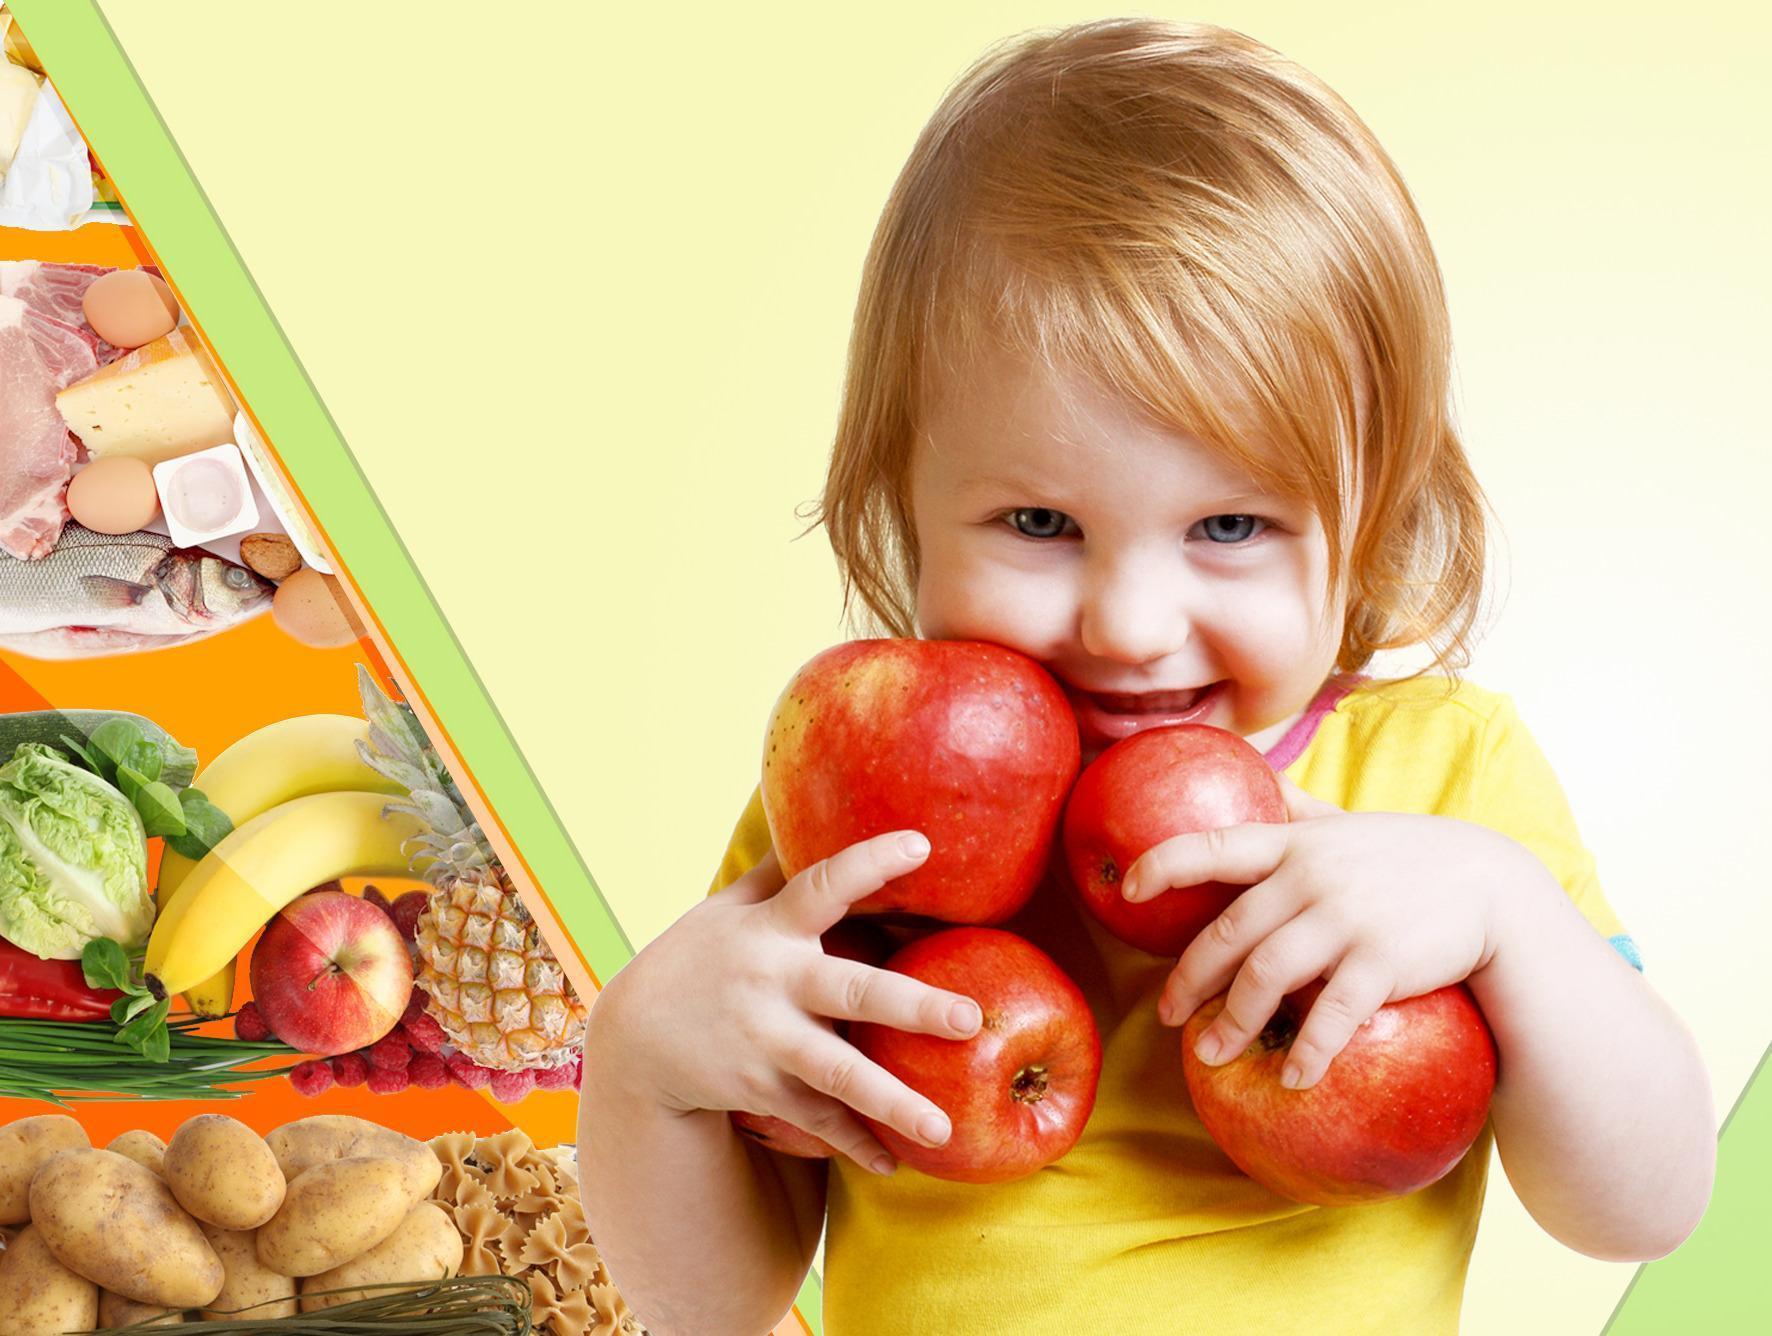 Comer Entre as Refeições de Forma Saudável